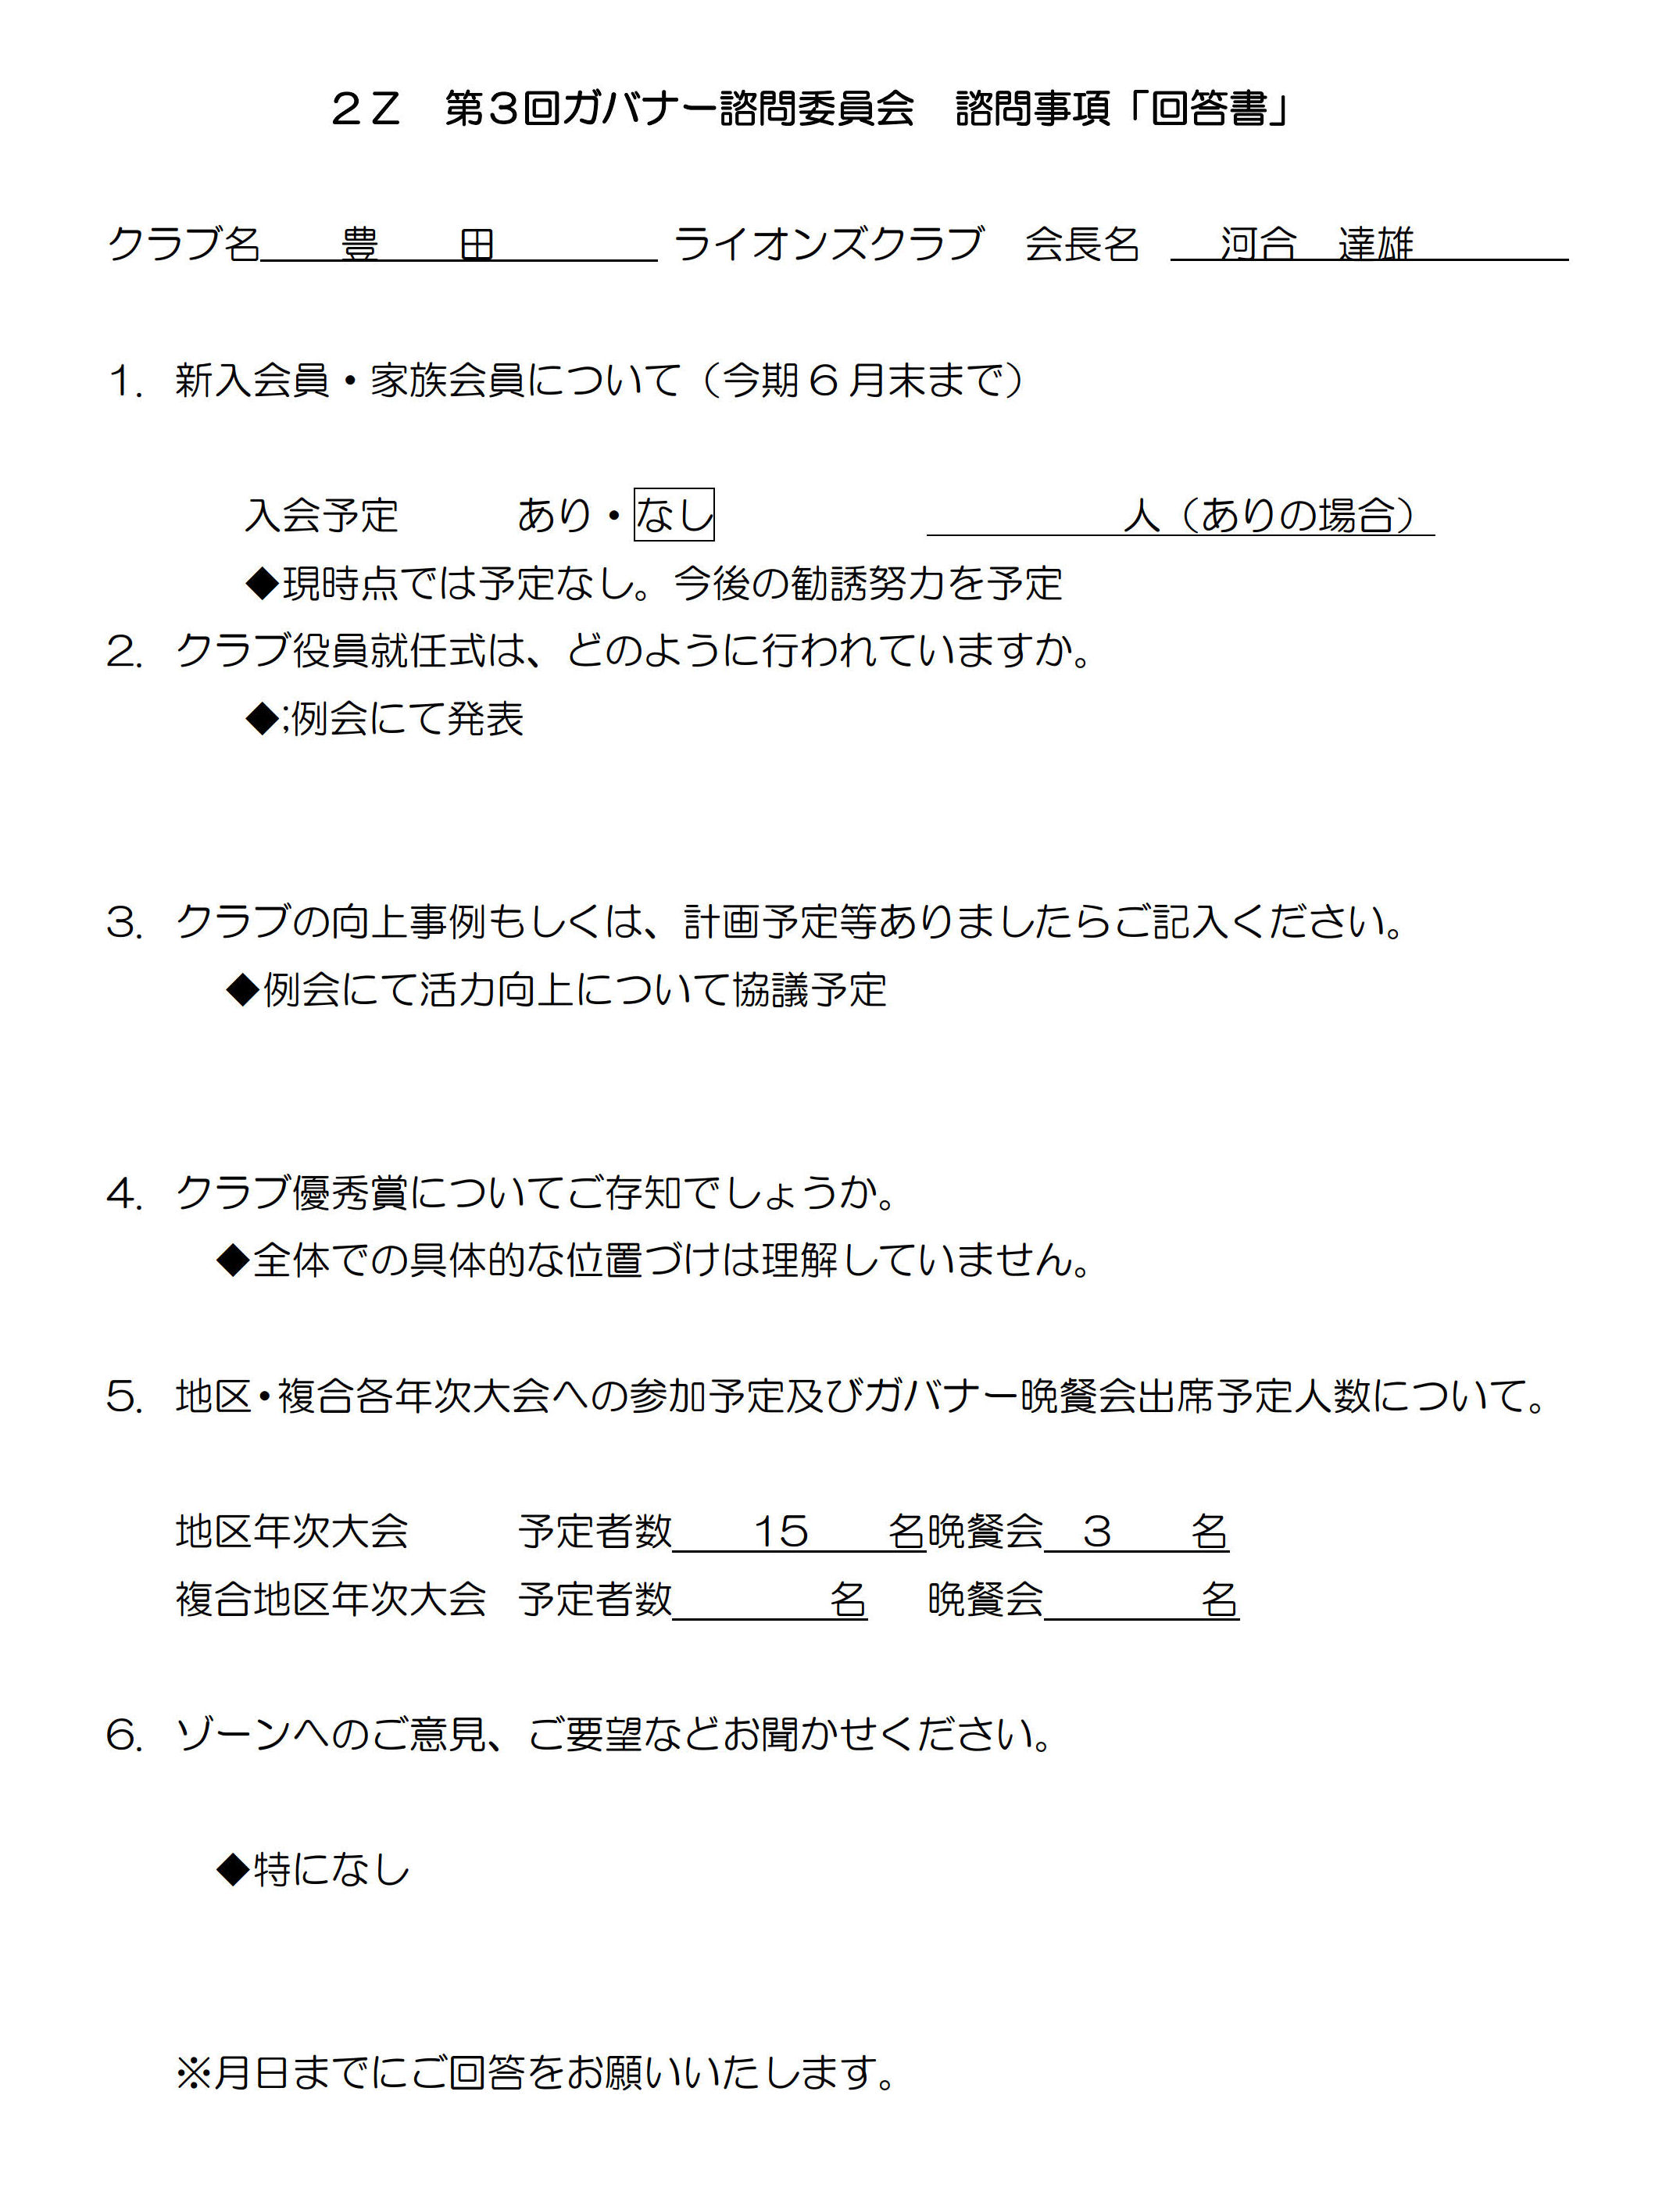 001,豊田第3回ガバナー諮問委員会諮問事項(2019)1